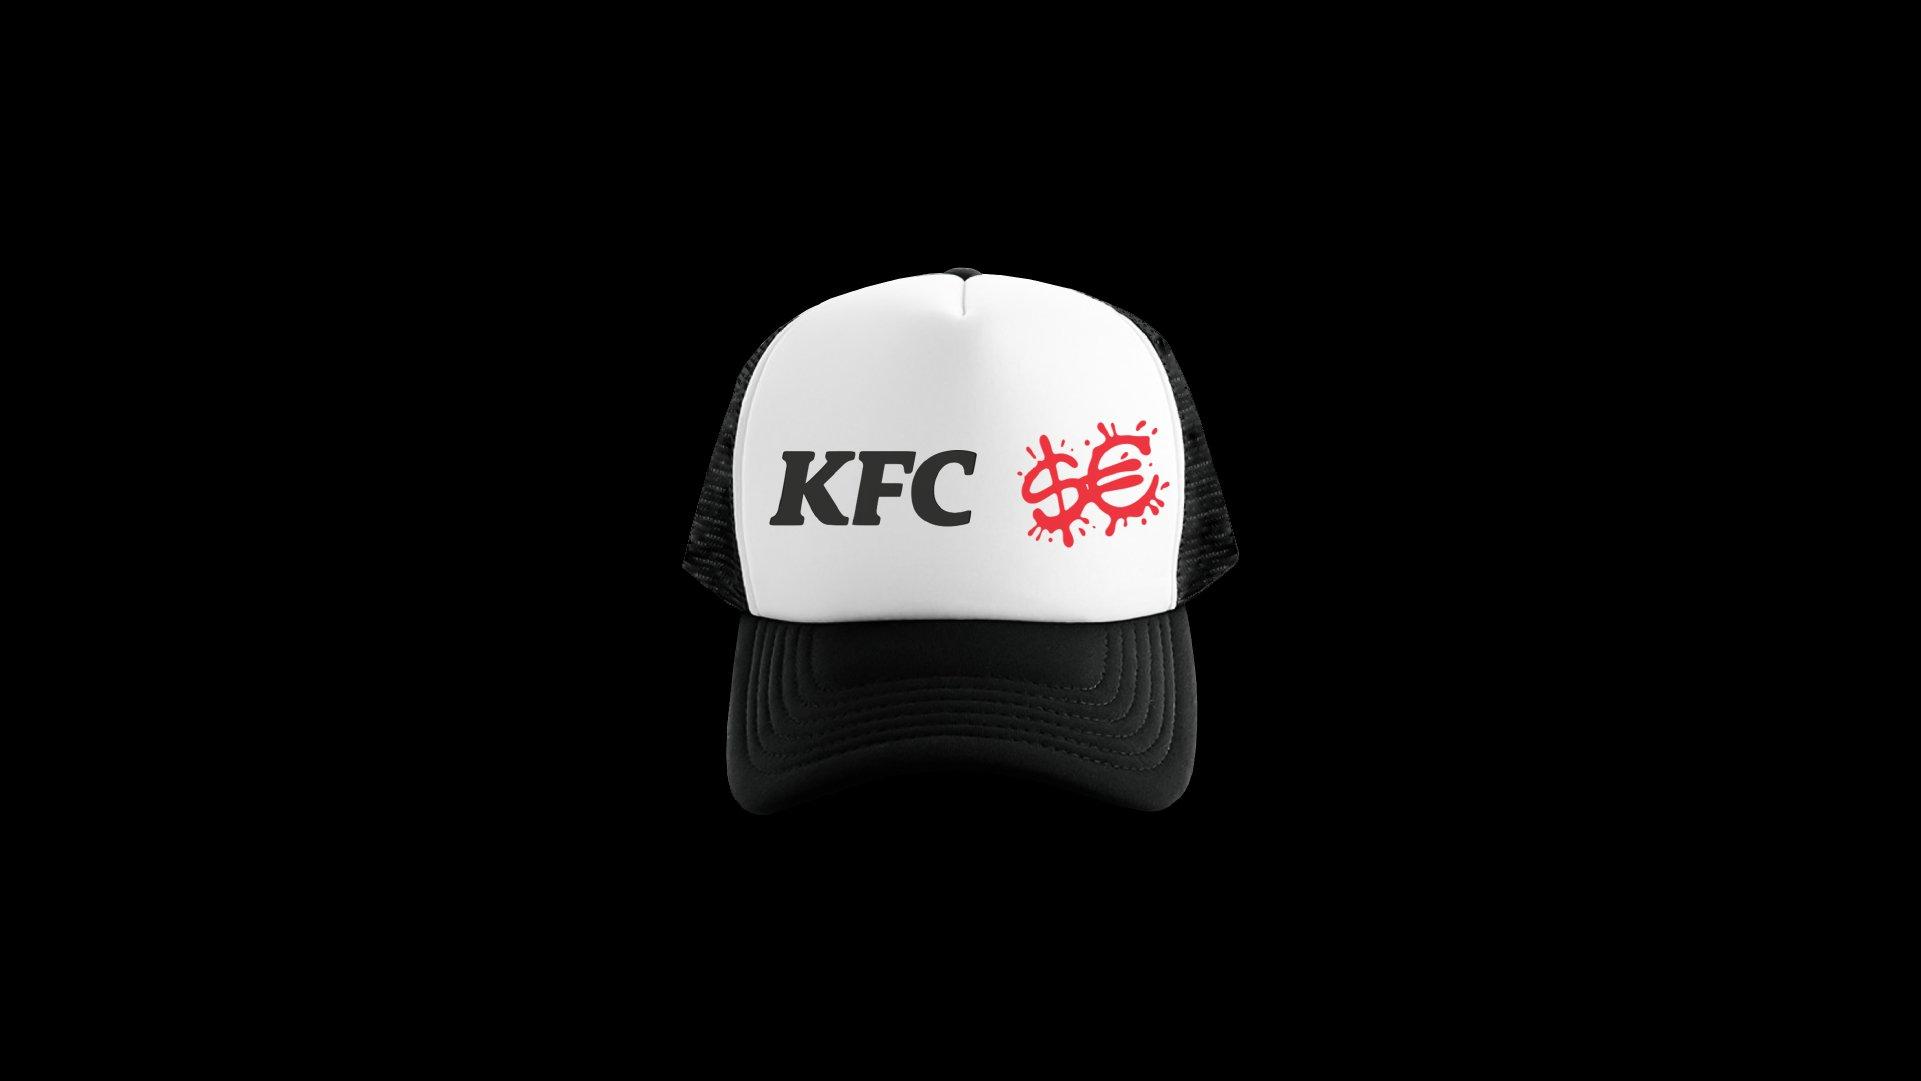 SFERA KFC MERCH 2020 hat 02